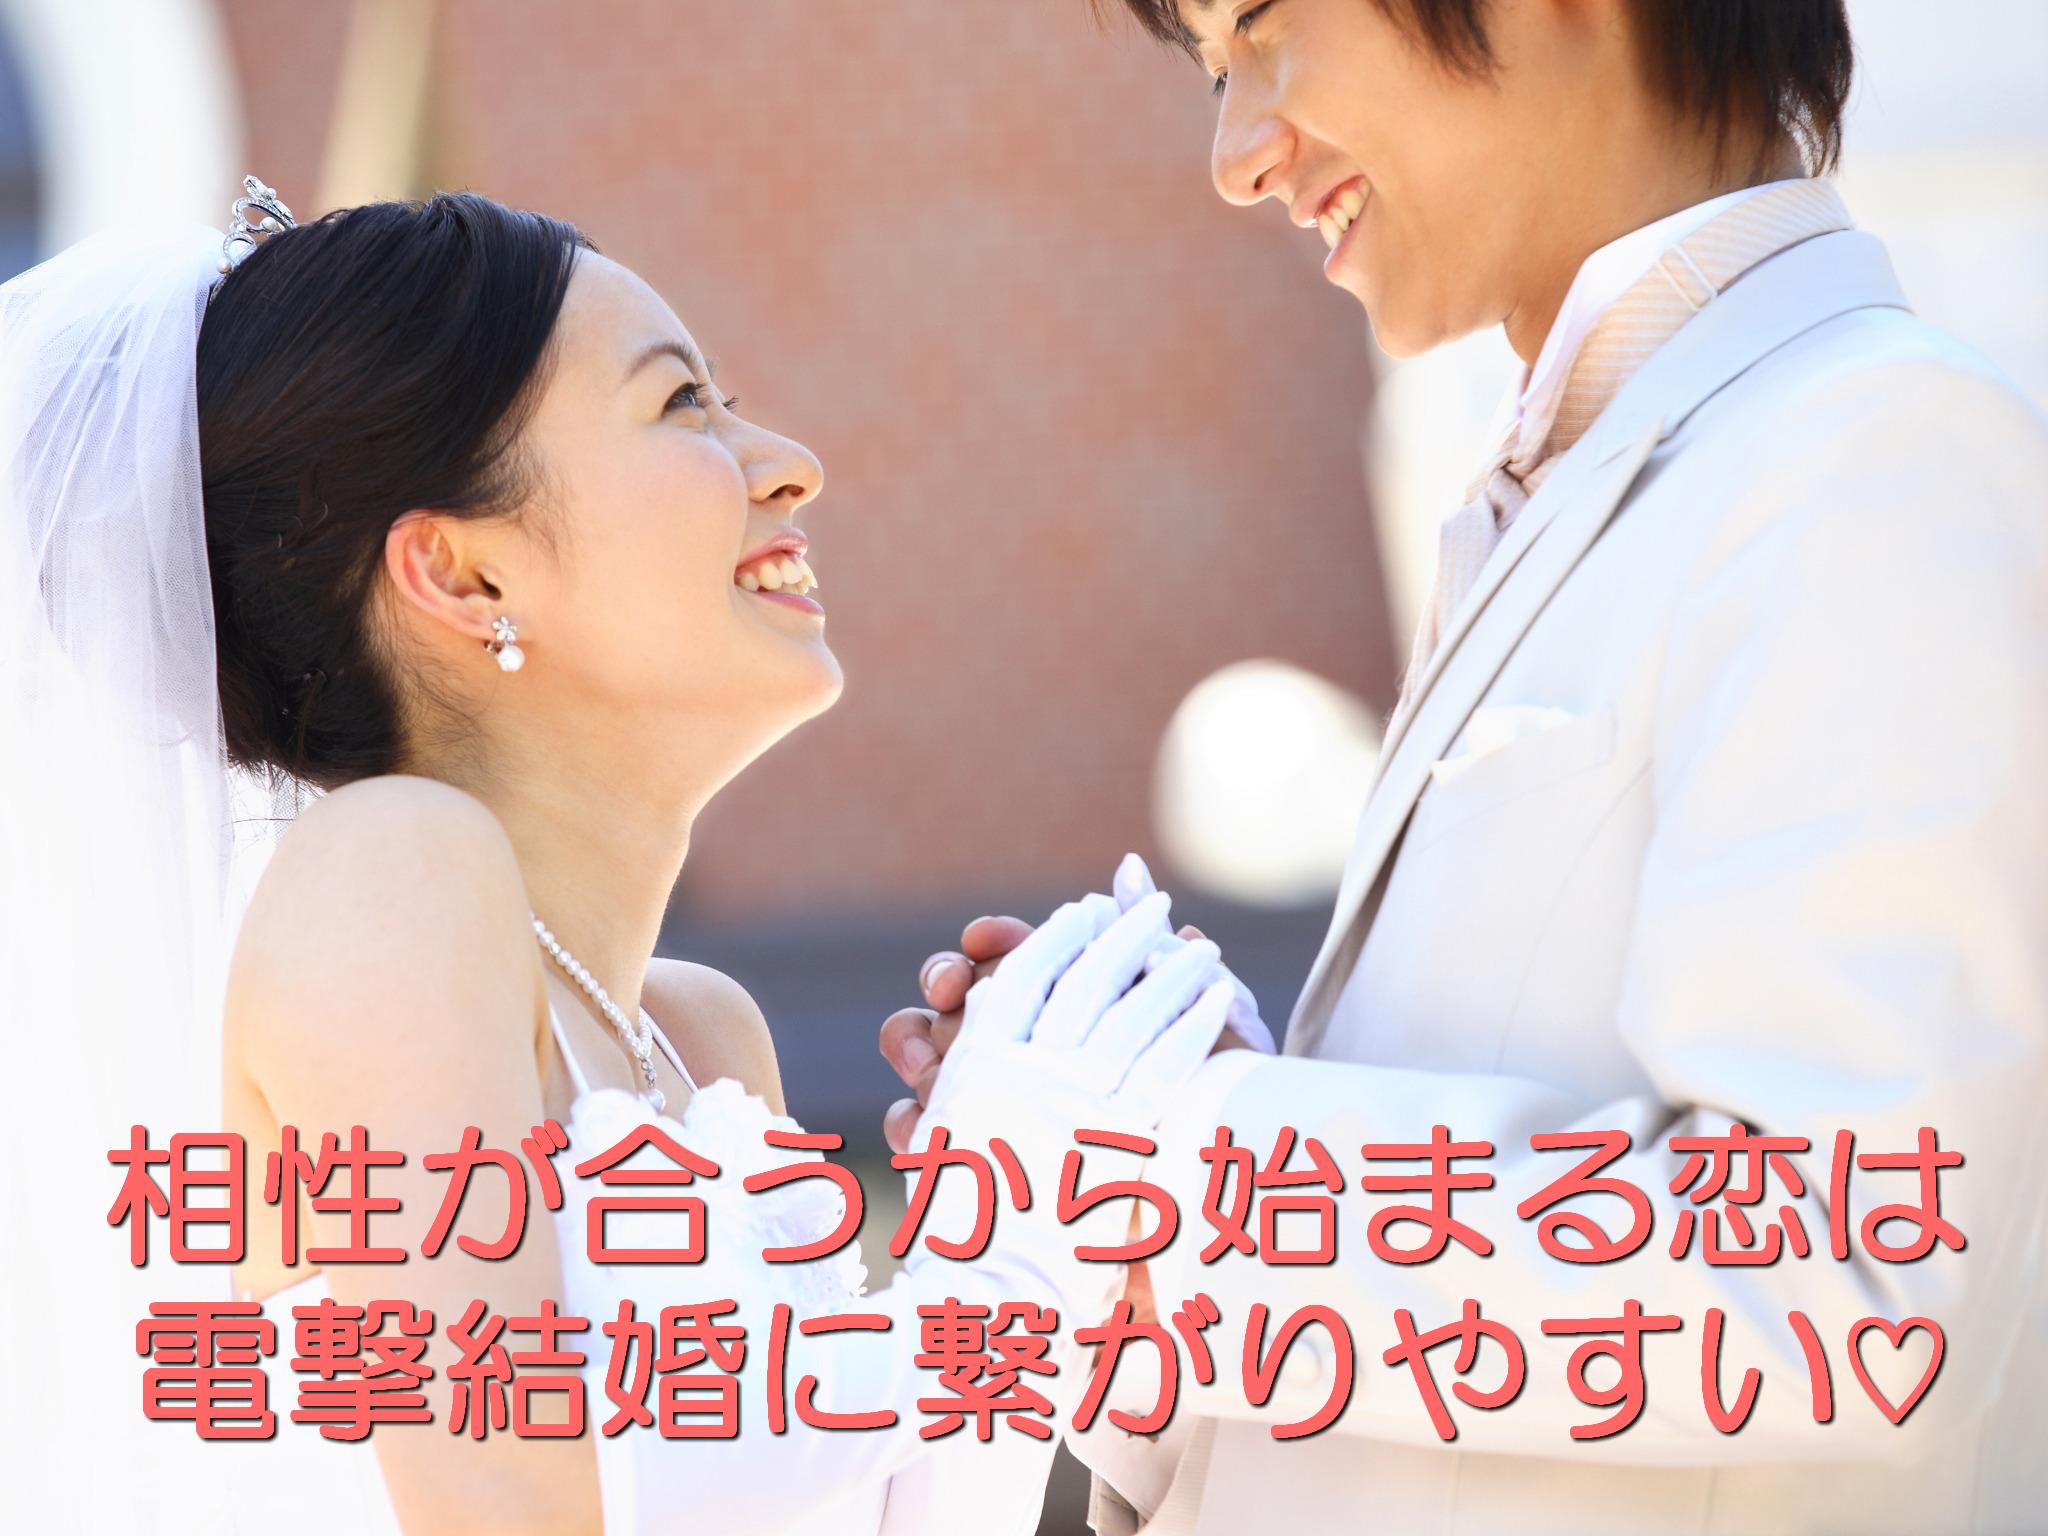 婚活東京なら20代はもちろんアラサー30代・アラフォー40代婚活に強い占い館開発の個室お見合いがオススメ!年齢・年収に関けなく相性(性格・価値観)が合う方だけをご紹介するため成婚率が高まります!